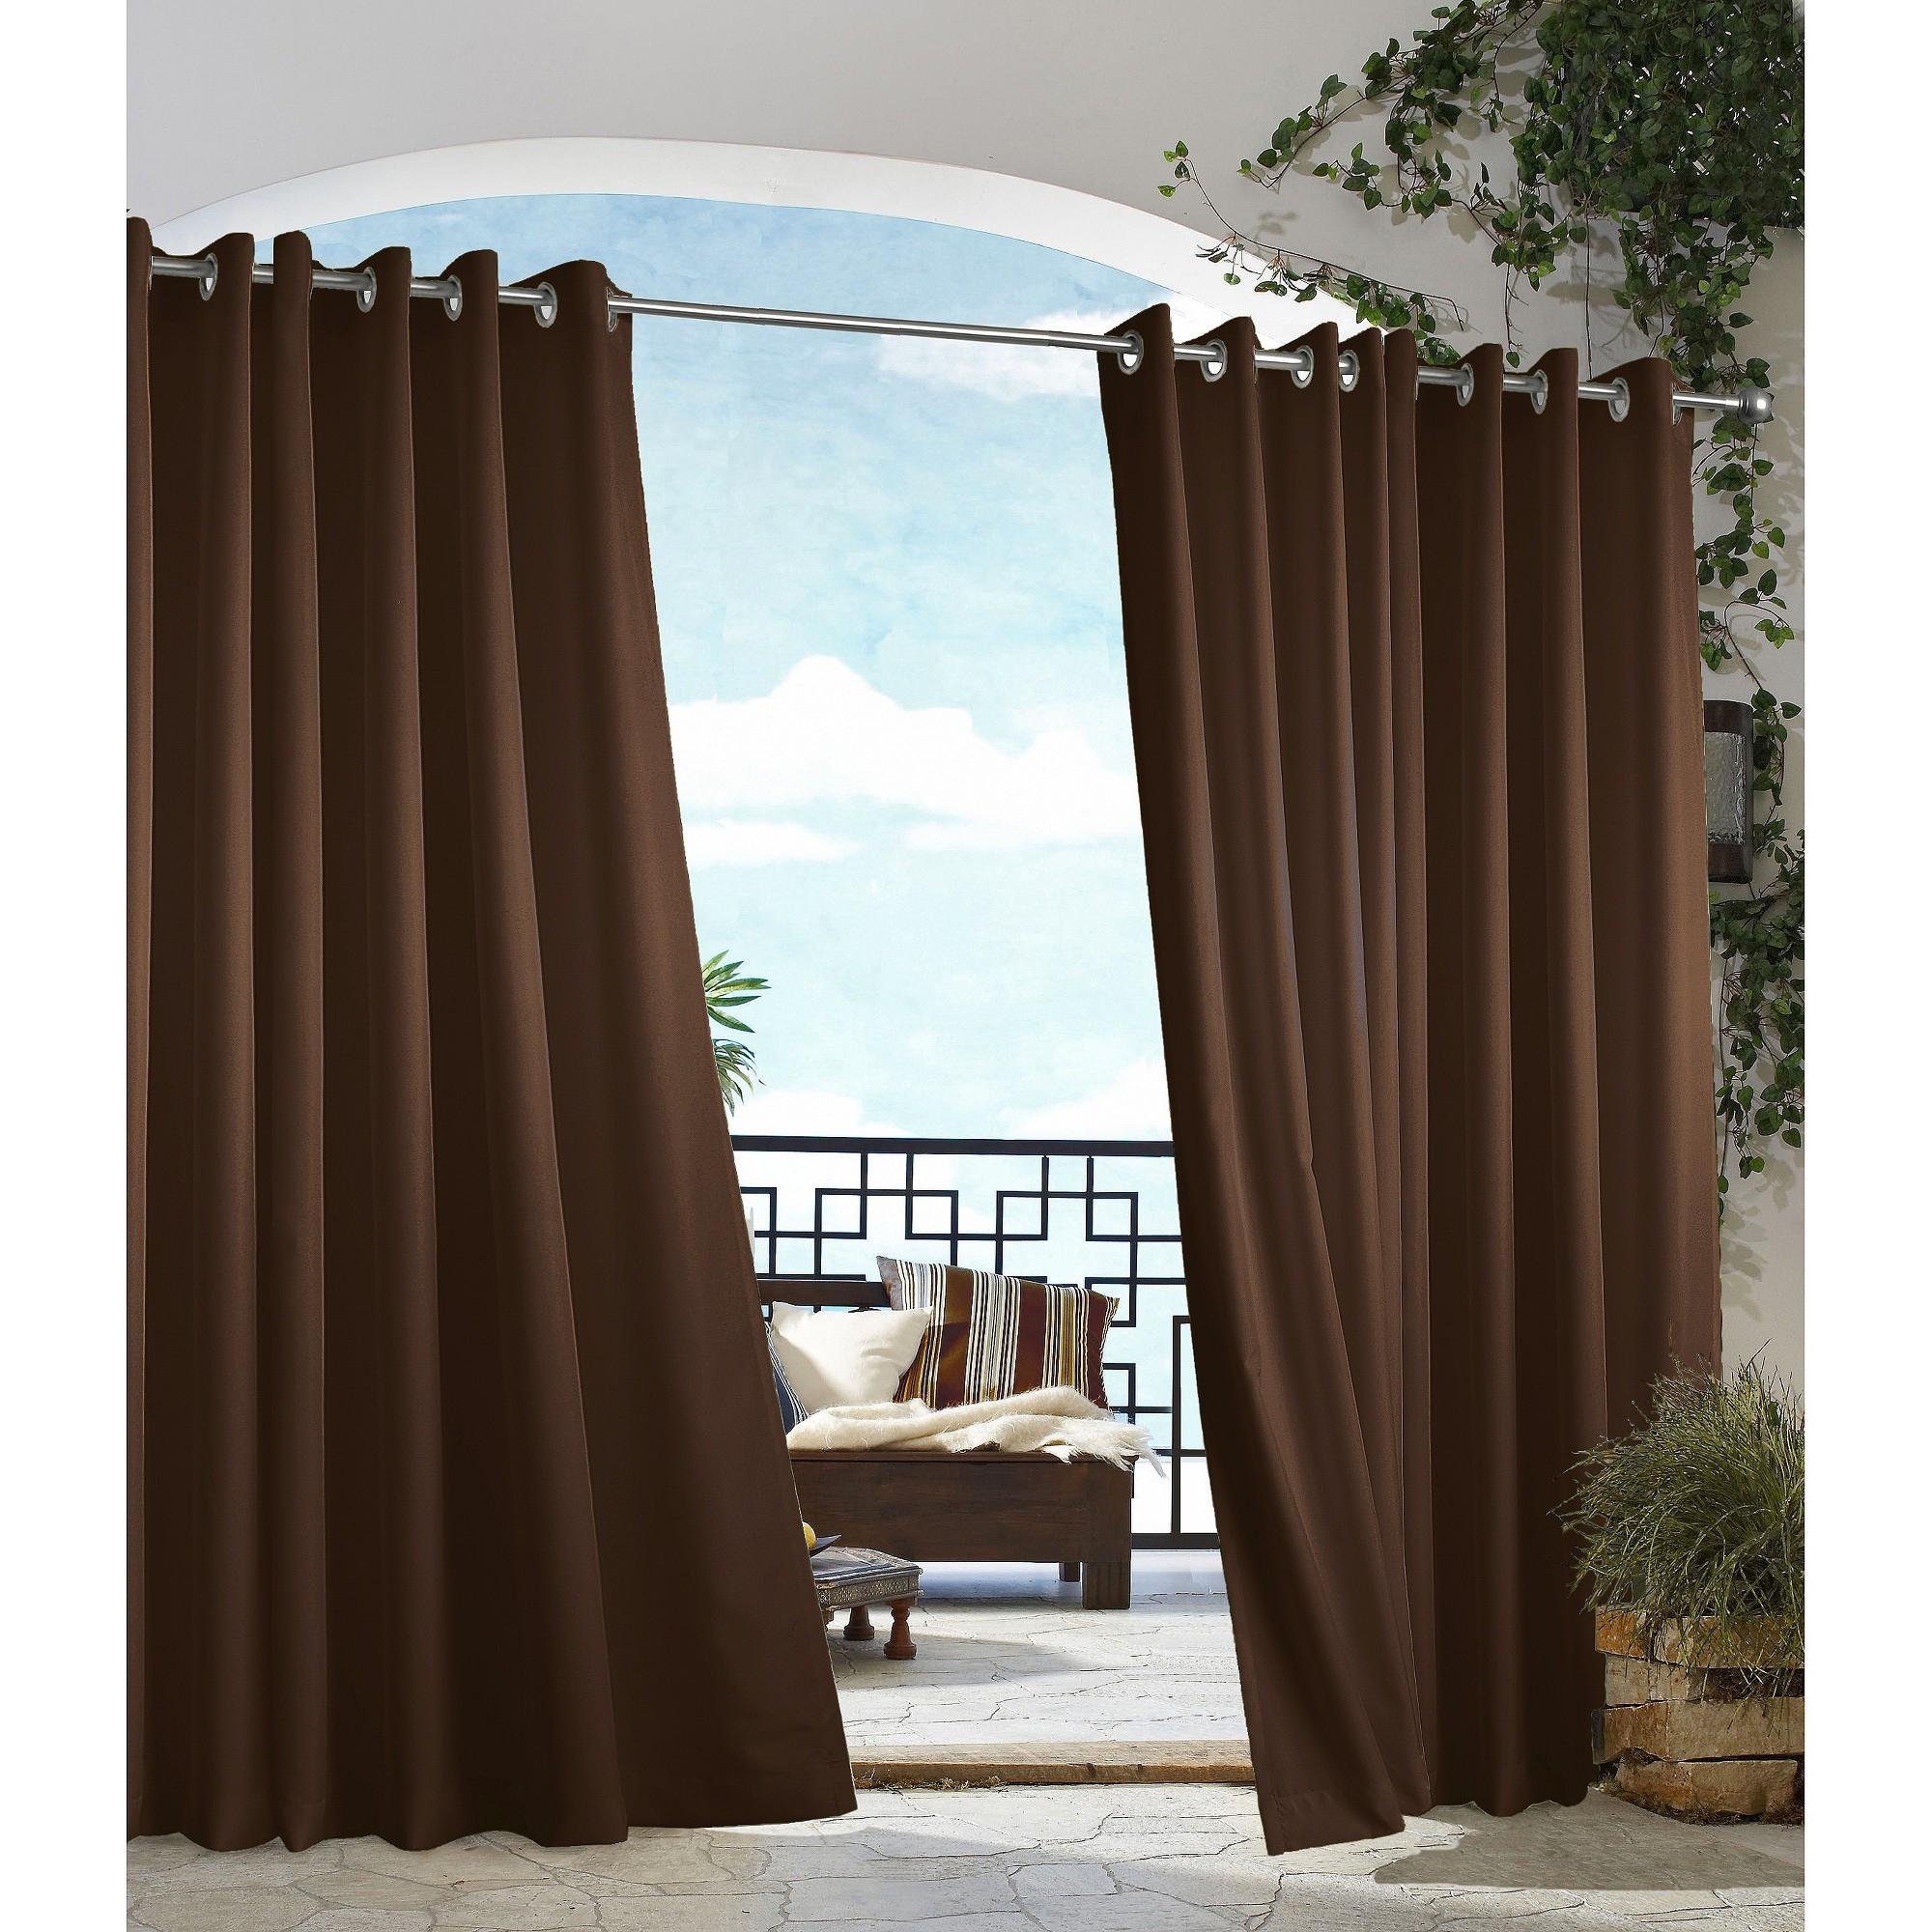 'Outdoor Décor Gazebo Solid Indoor/Outdoor Grommet Top Curtain Panel - Chocolate (50''x84''), Size: 50x84'', Brown'